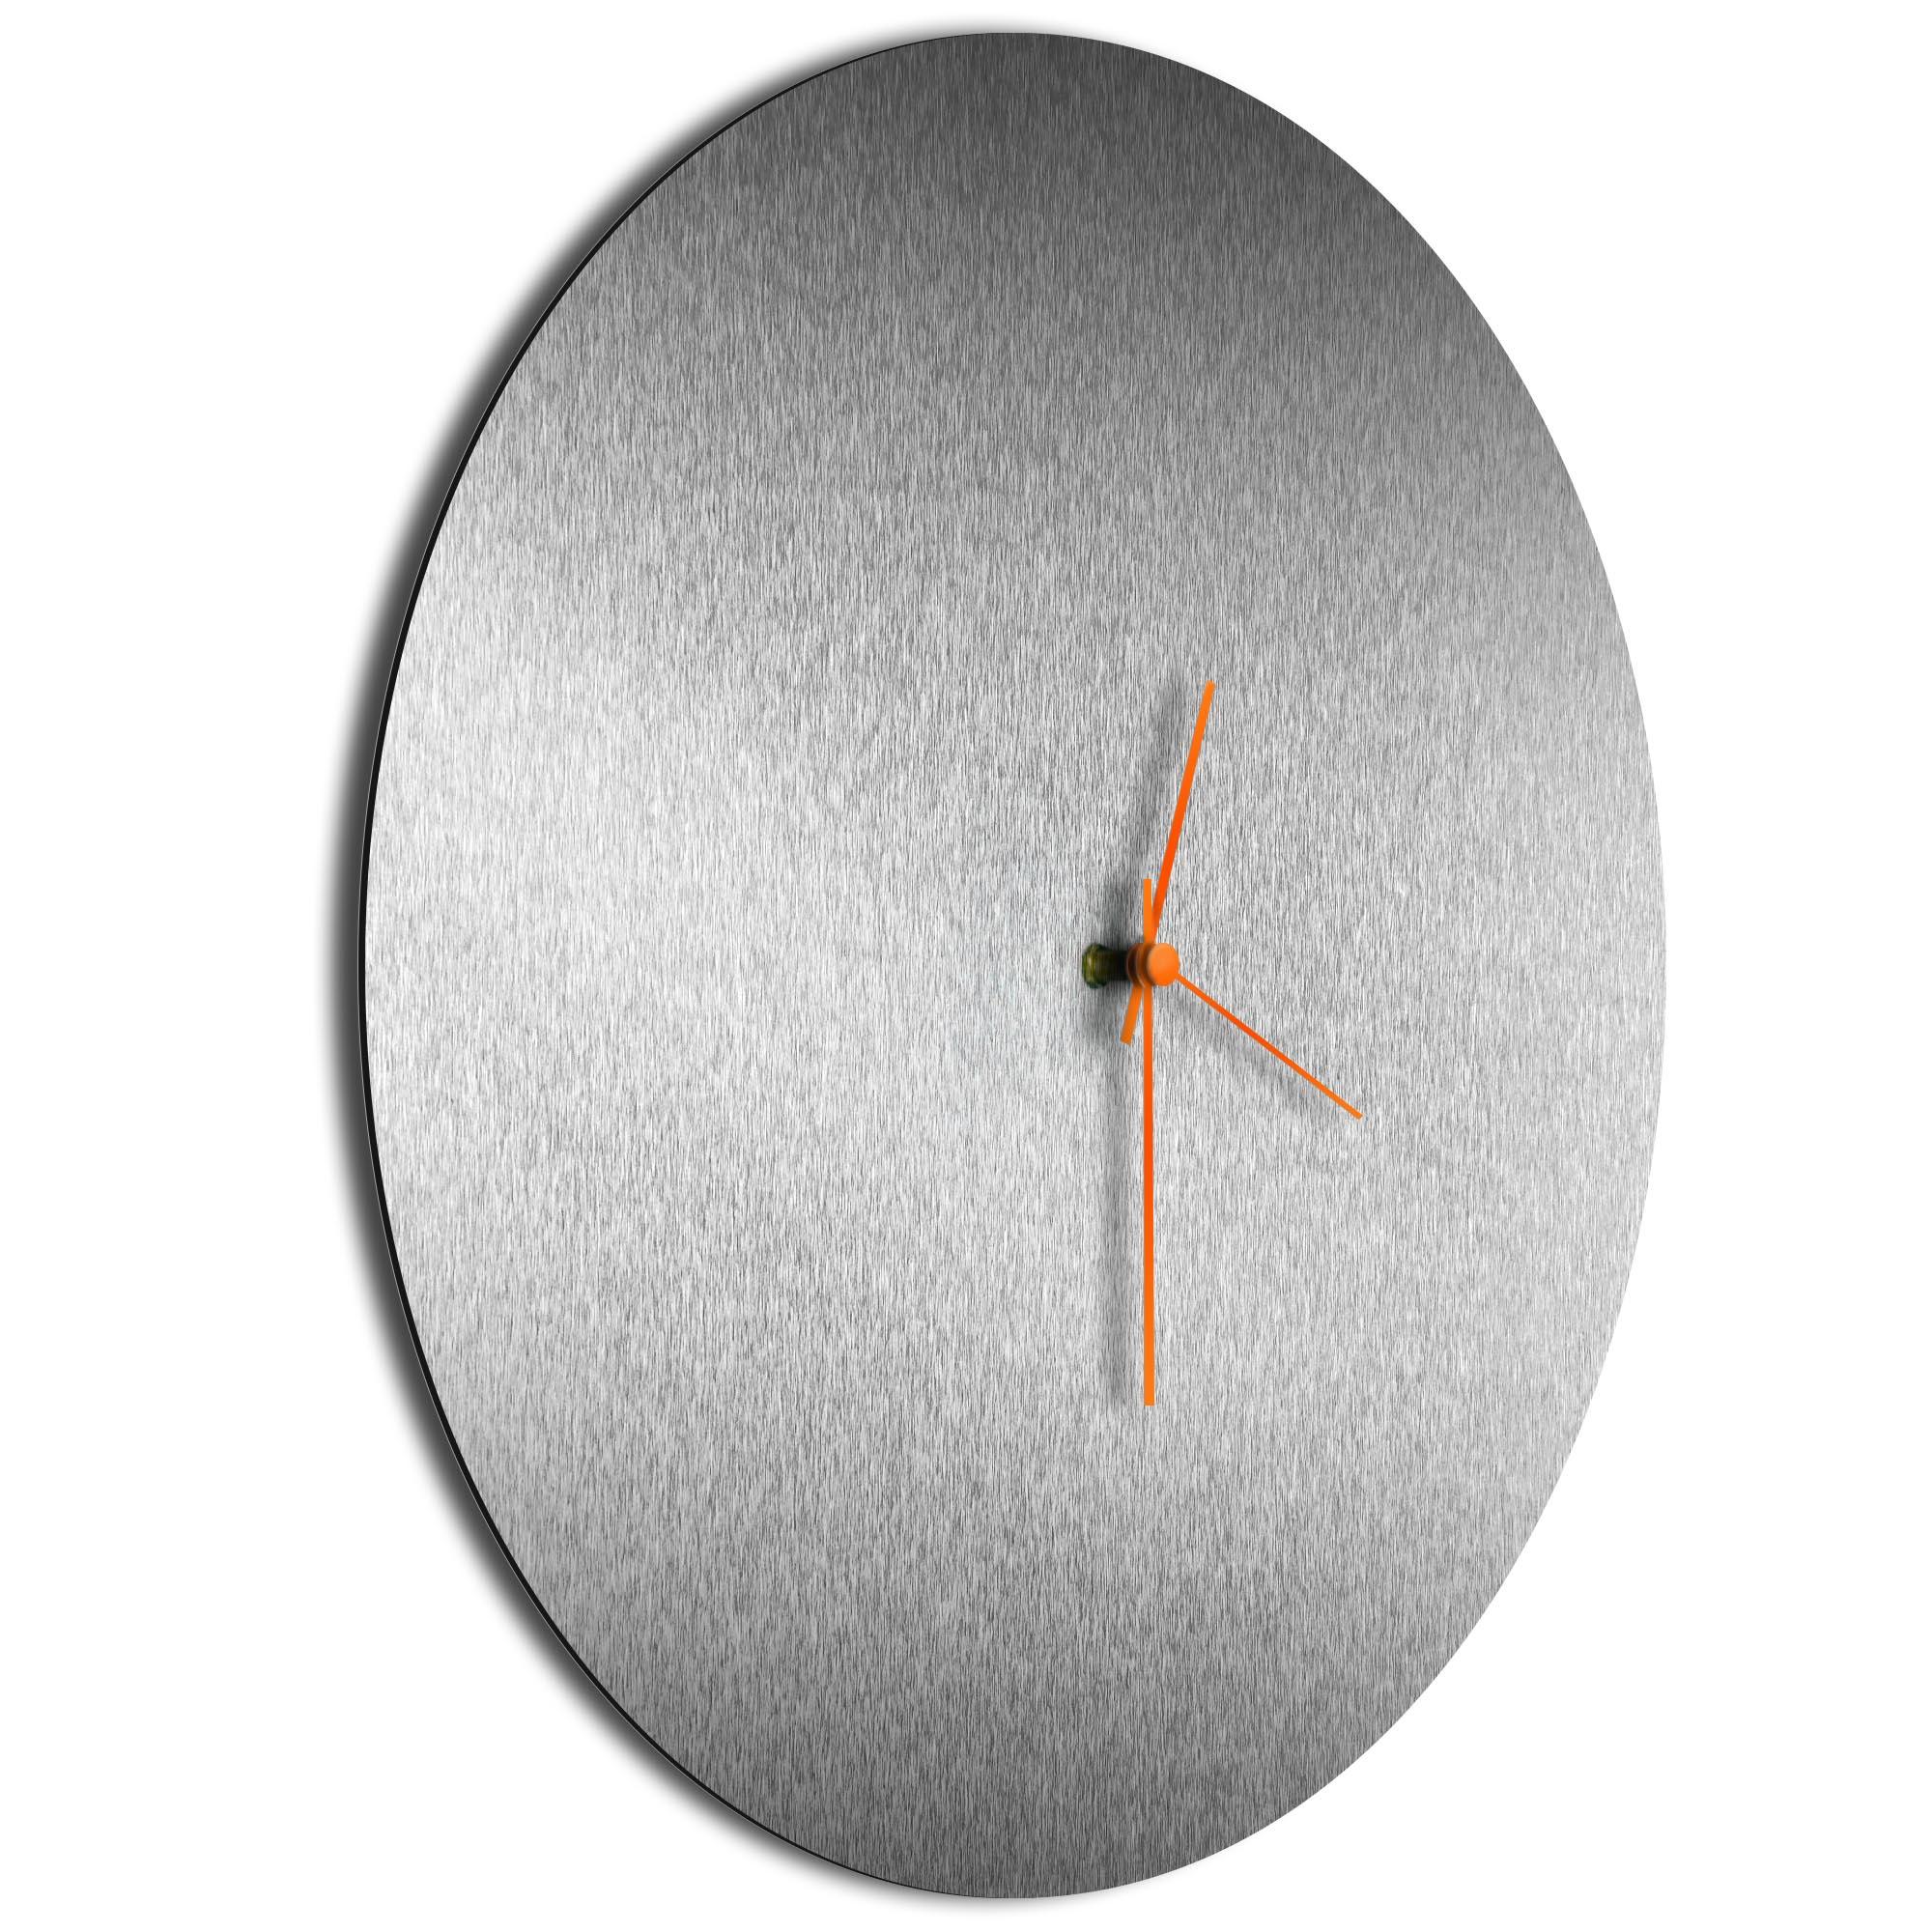 Silversmith Circle Clock Large Orange - Image 2